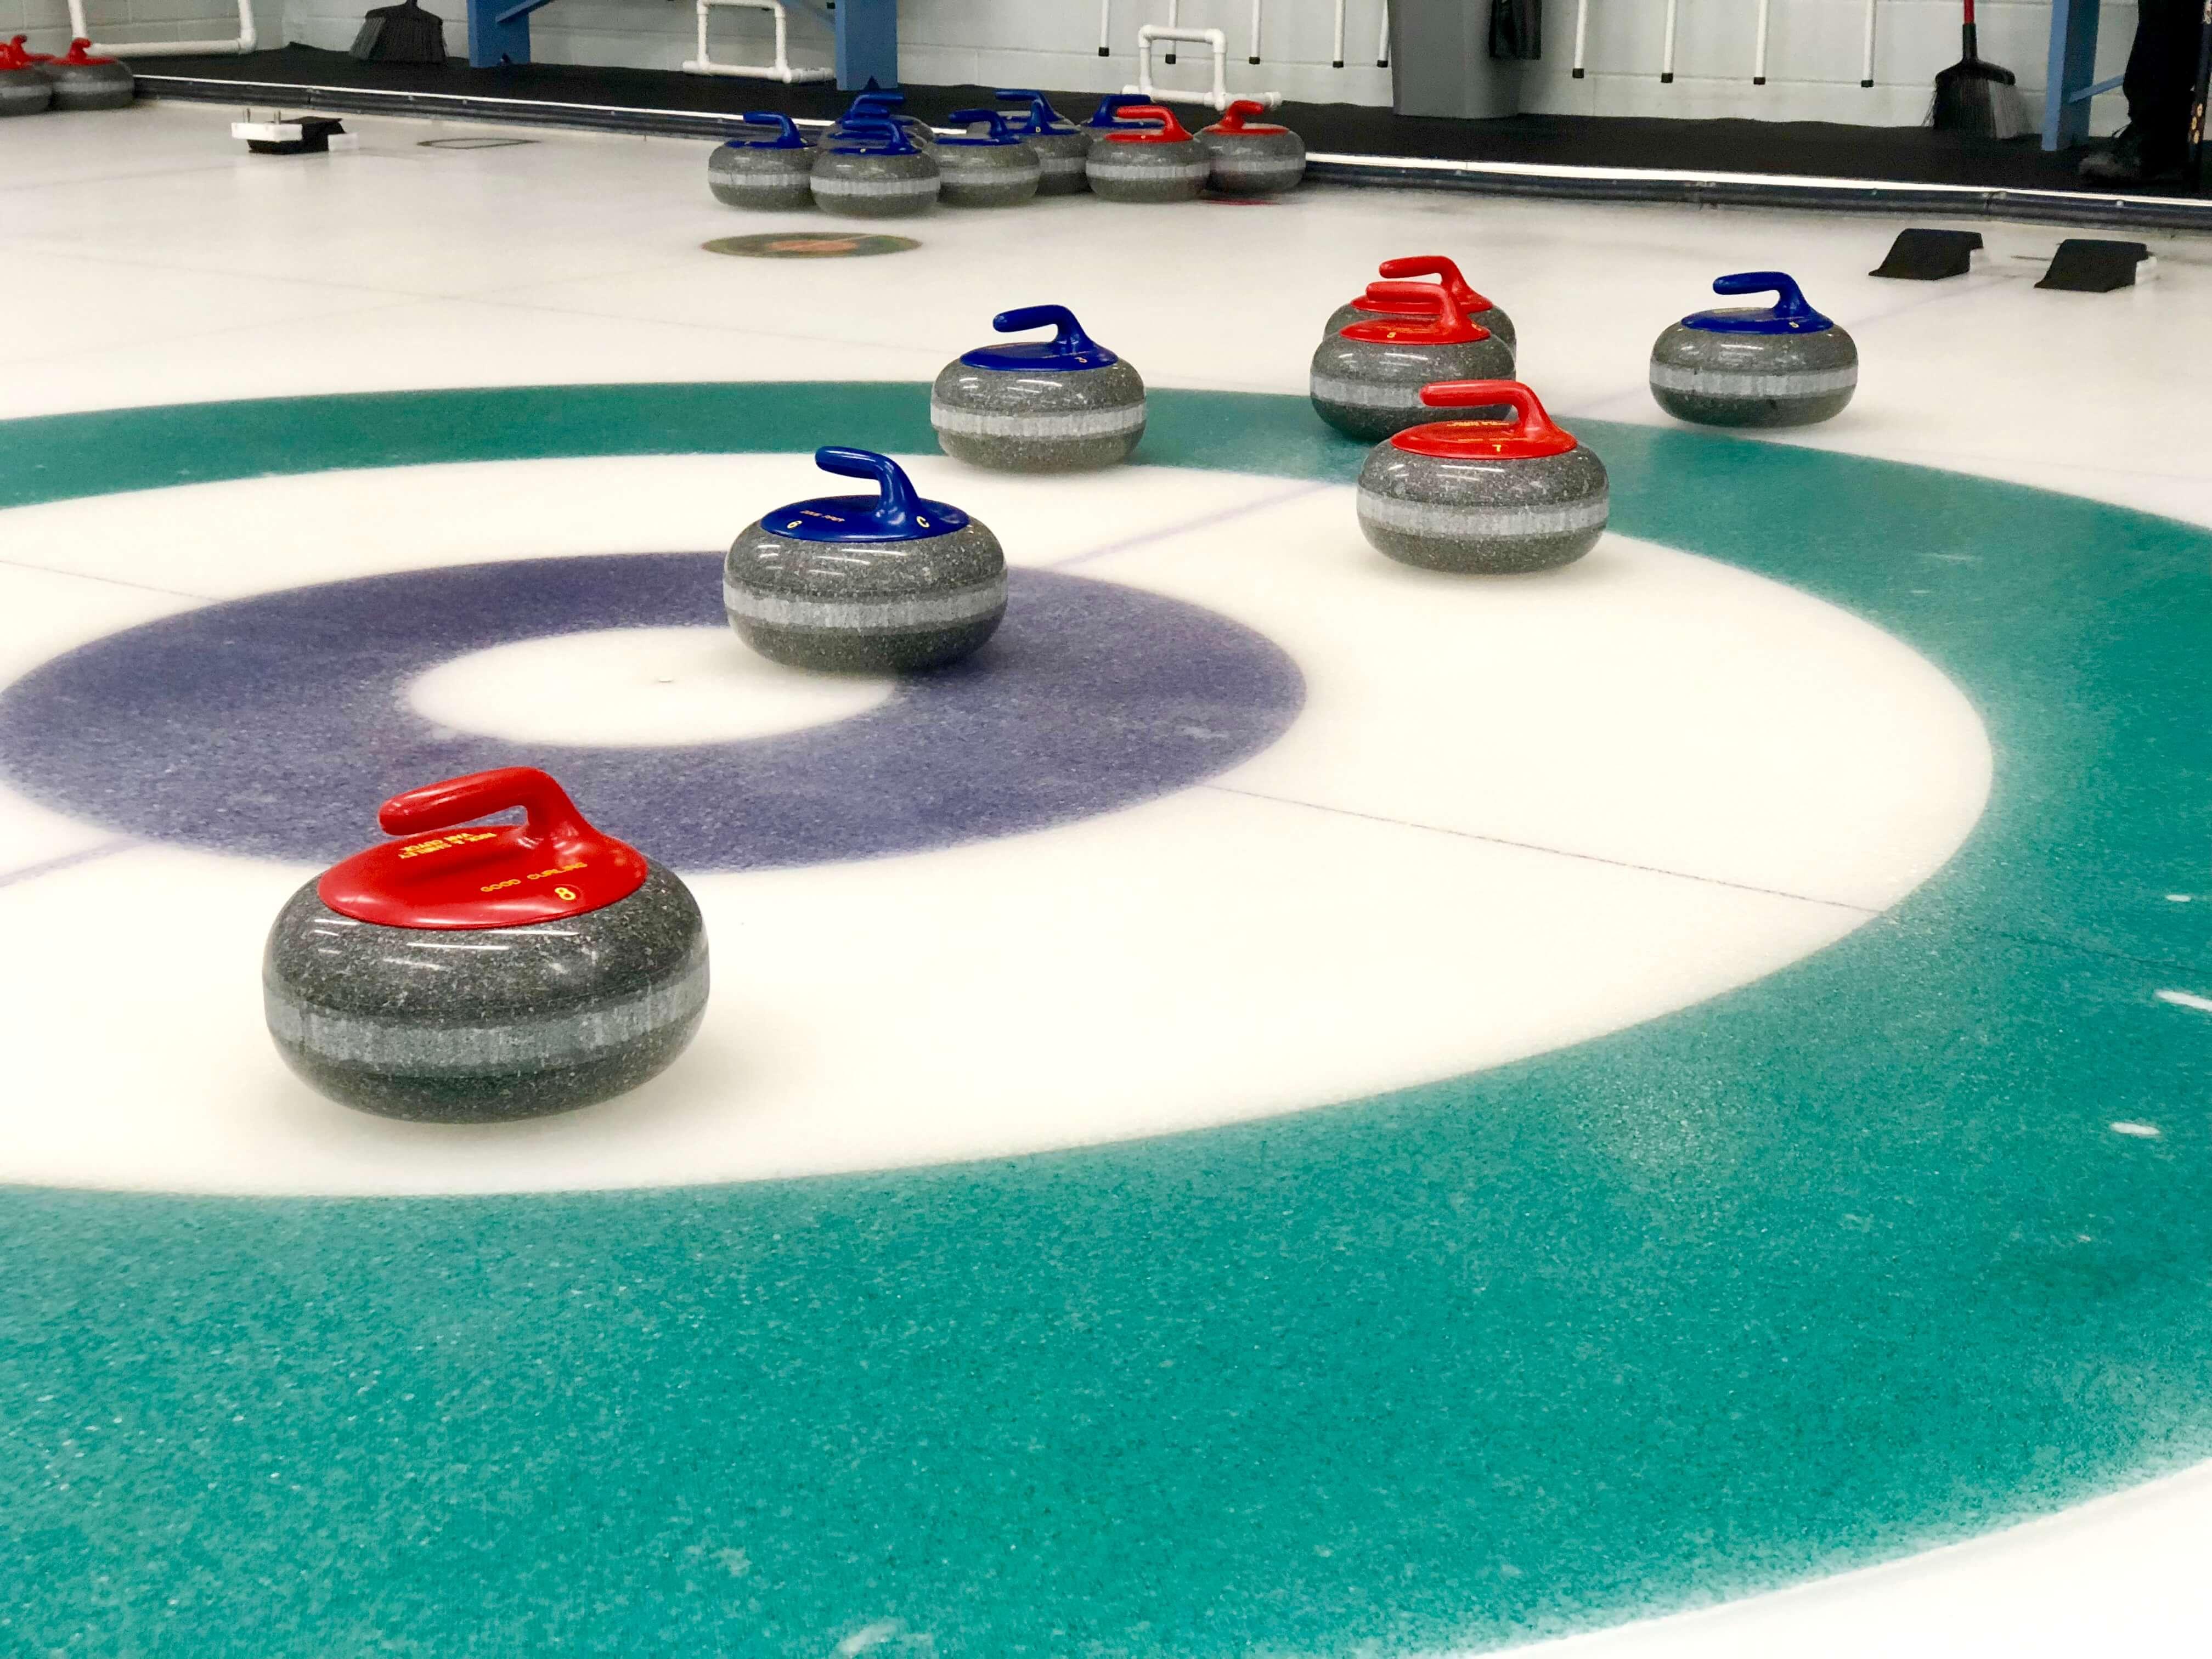 5 - Curling